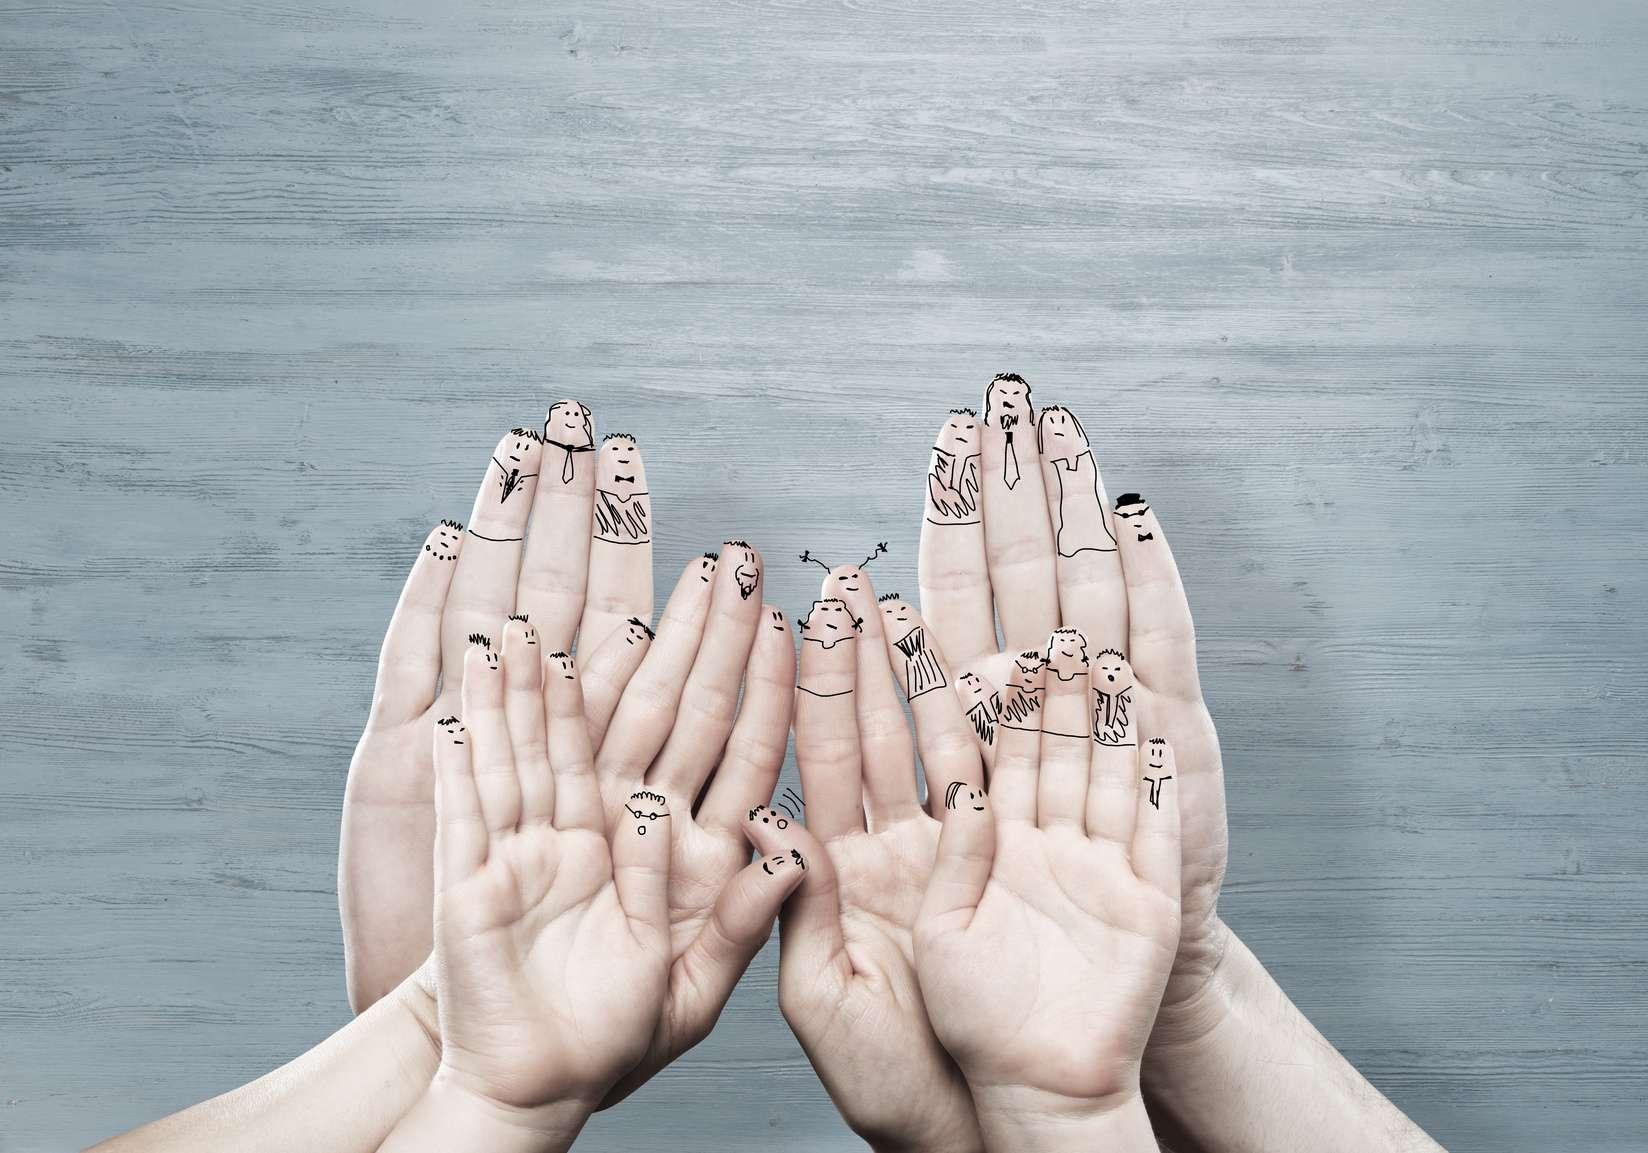 Cela fait 20 ans que deux hommes vivent avec des mains transplantées. © adam121, Fotolia